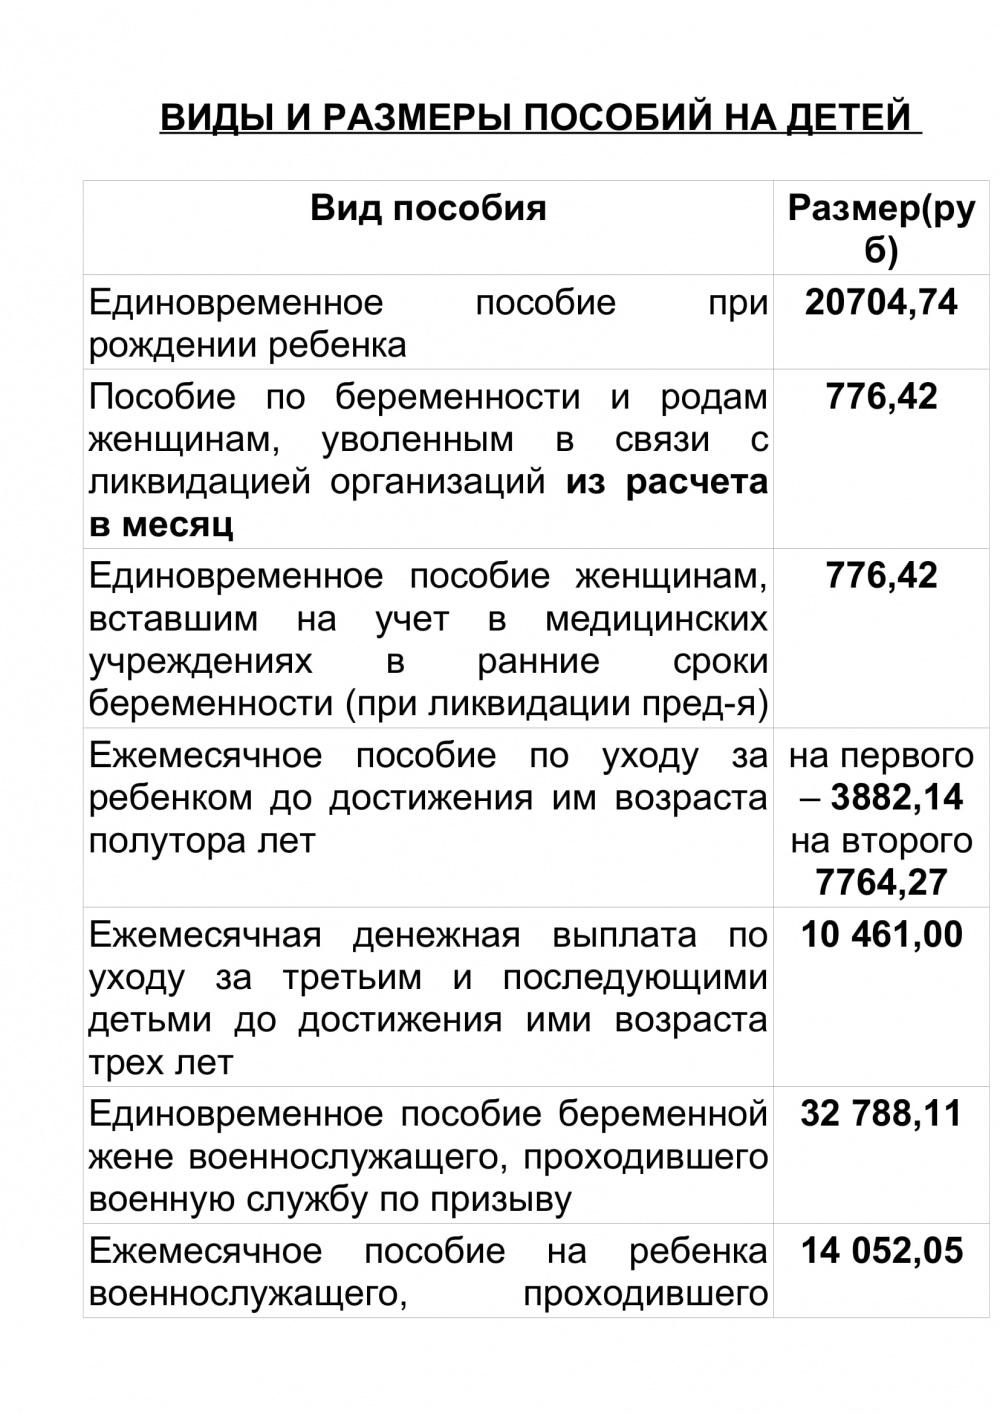 Виды и размеры пособий на детей с 01.01.2020 года